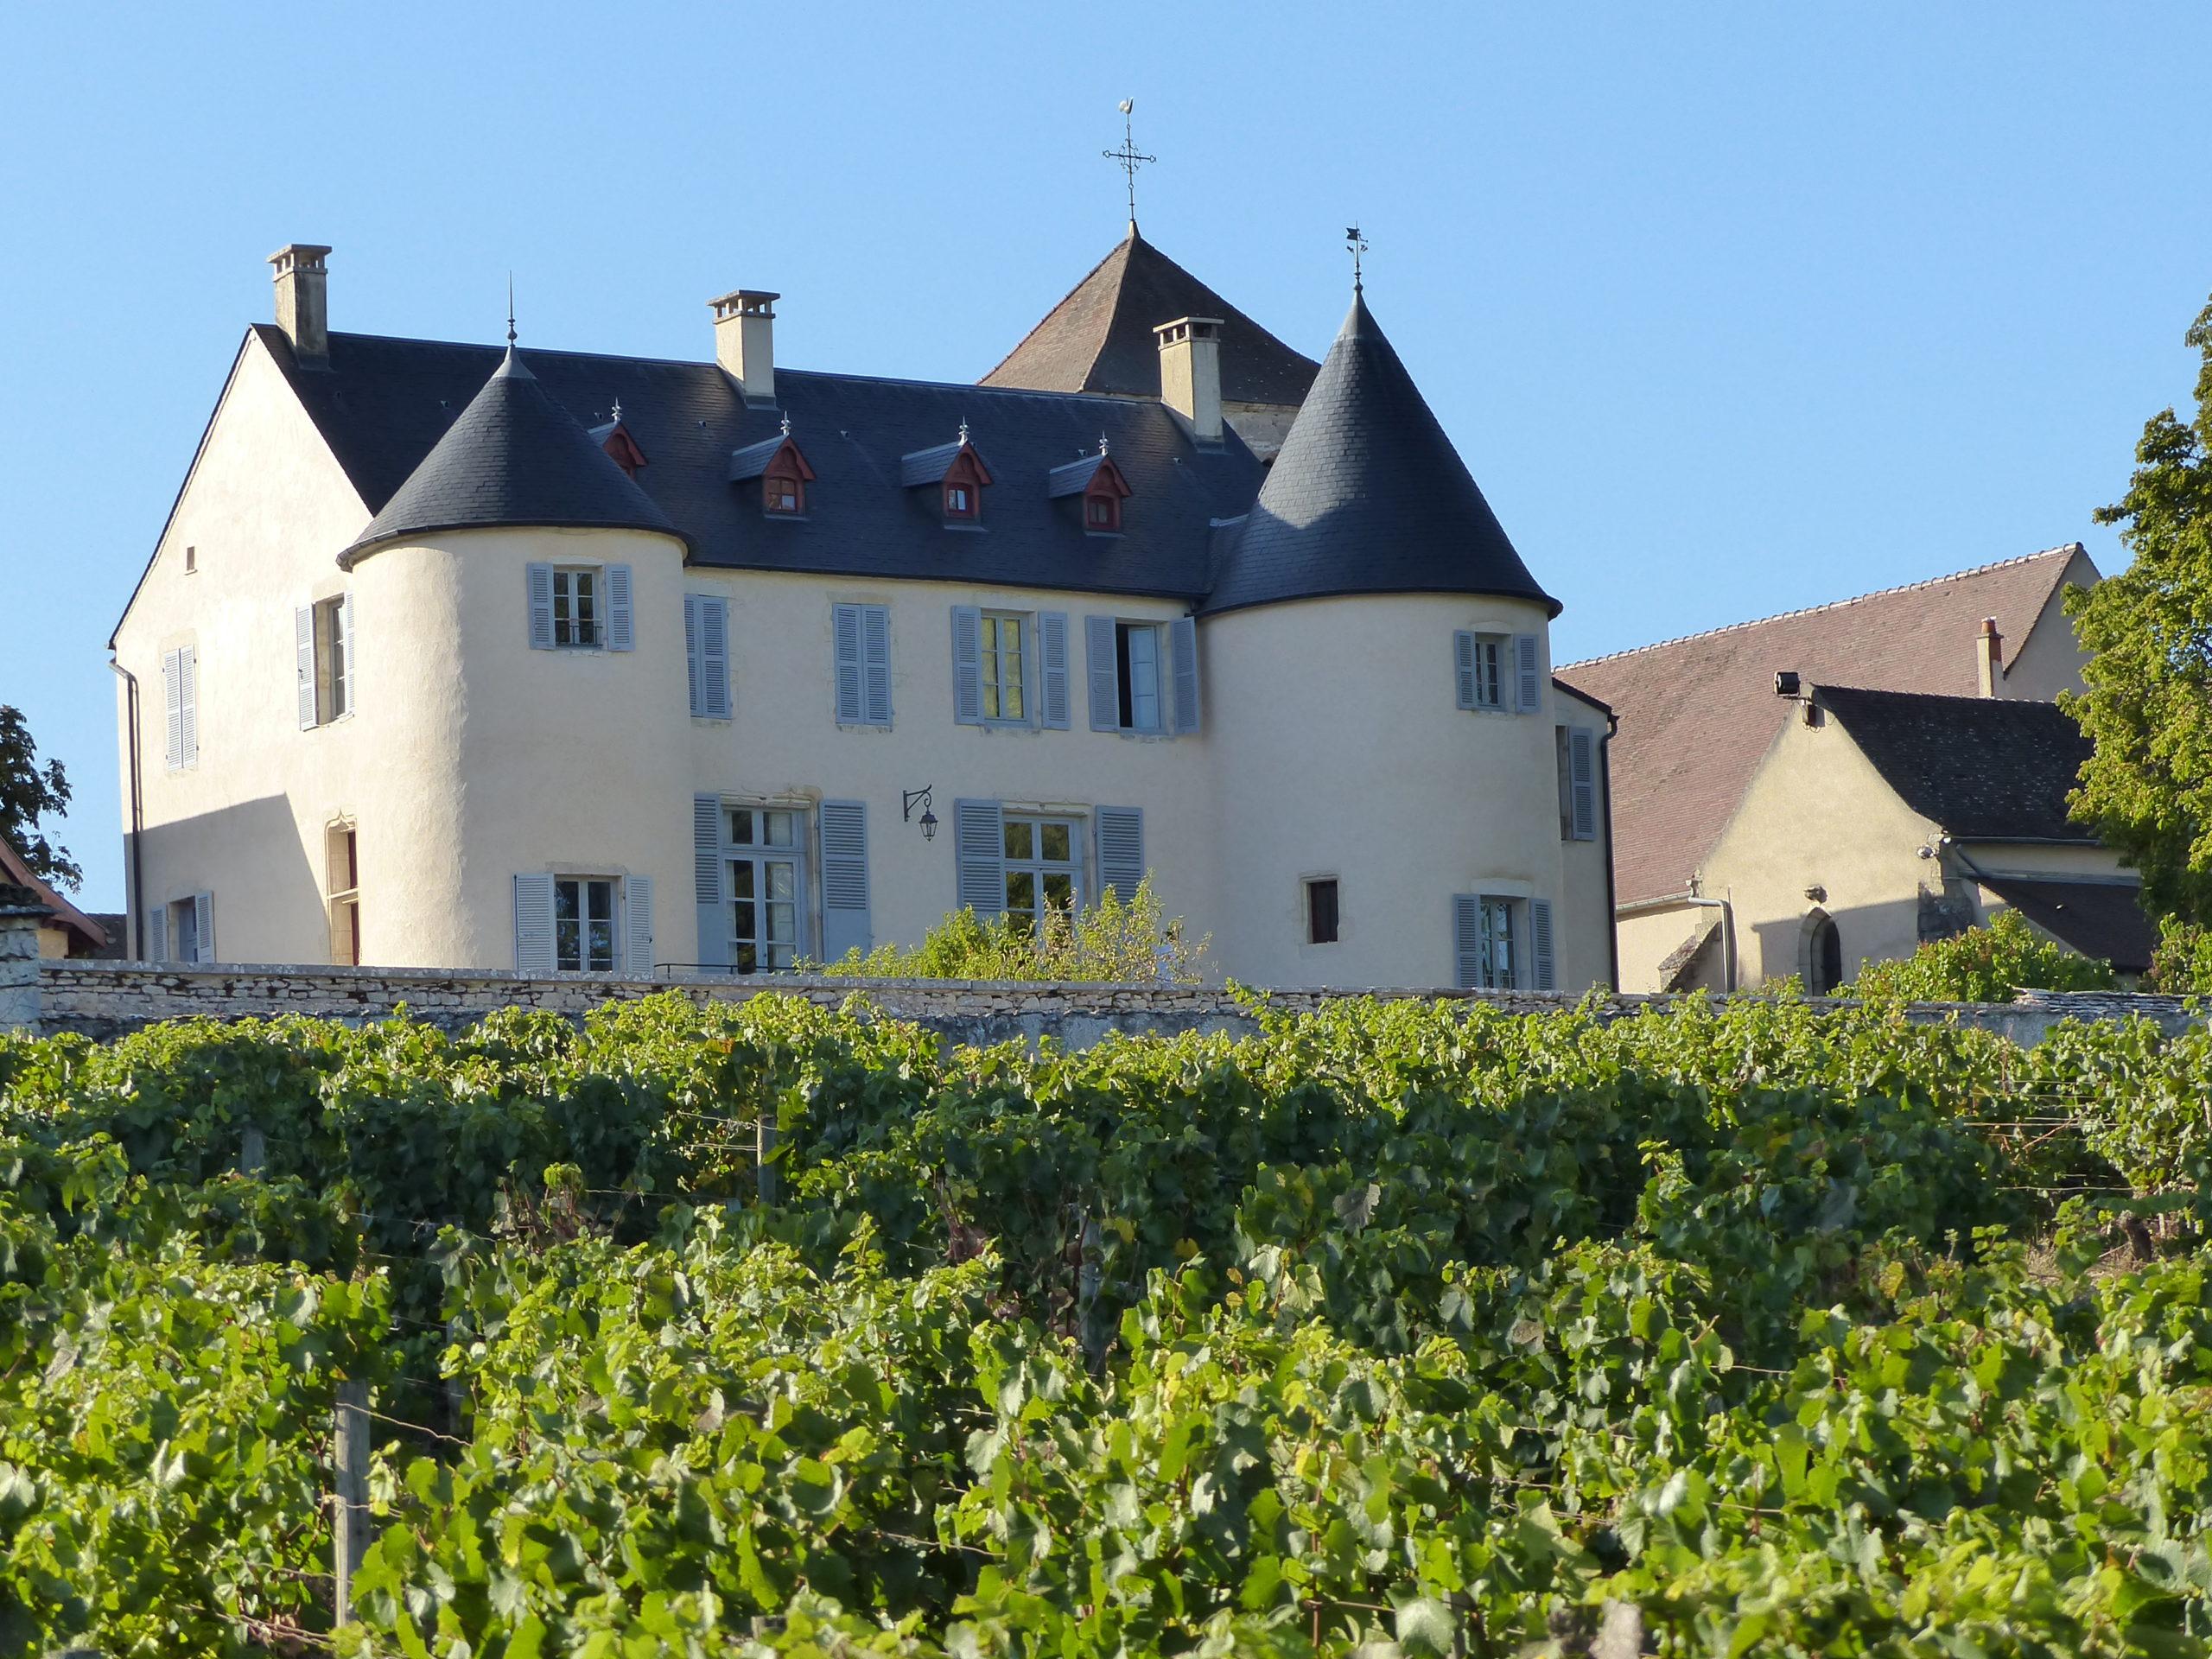 Château de Saint-Romain lieux dit Sous le chateau Vignes